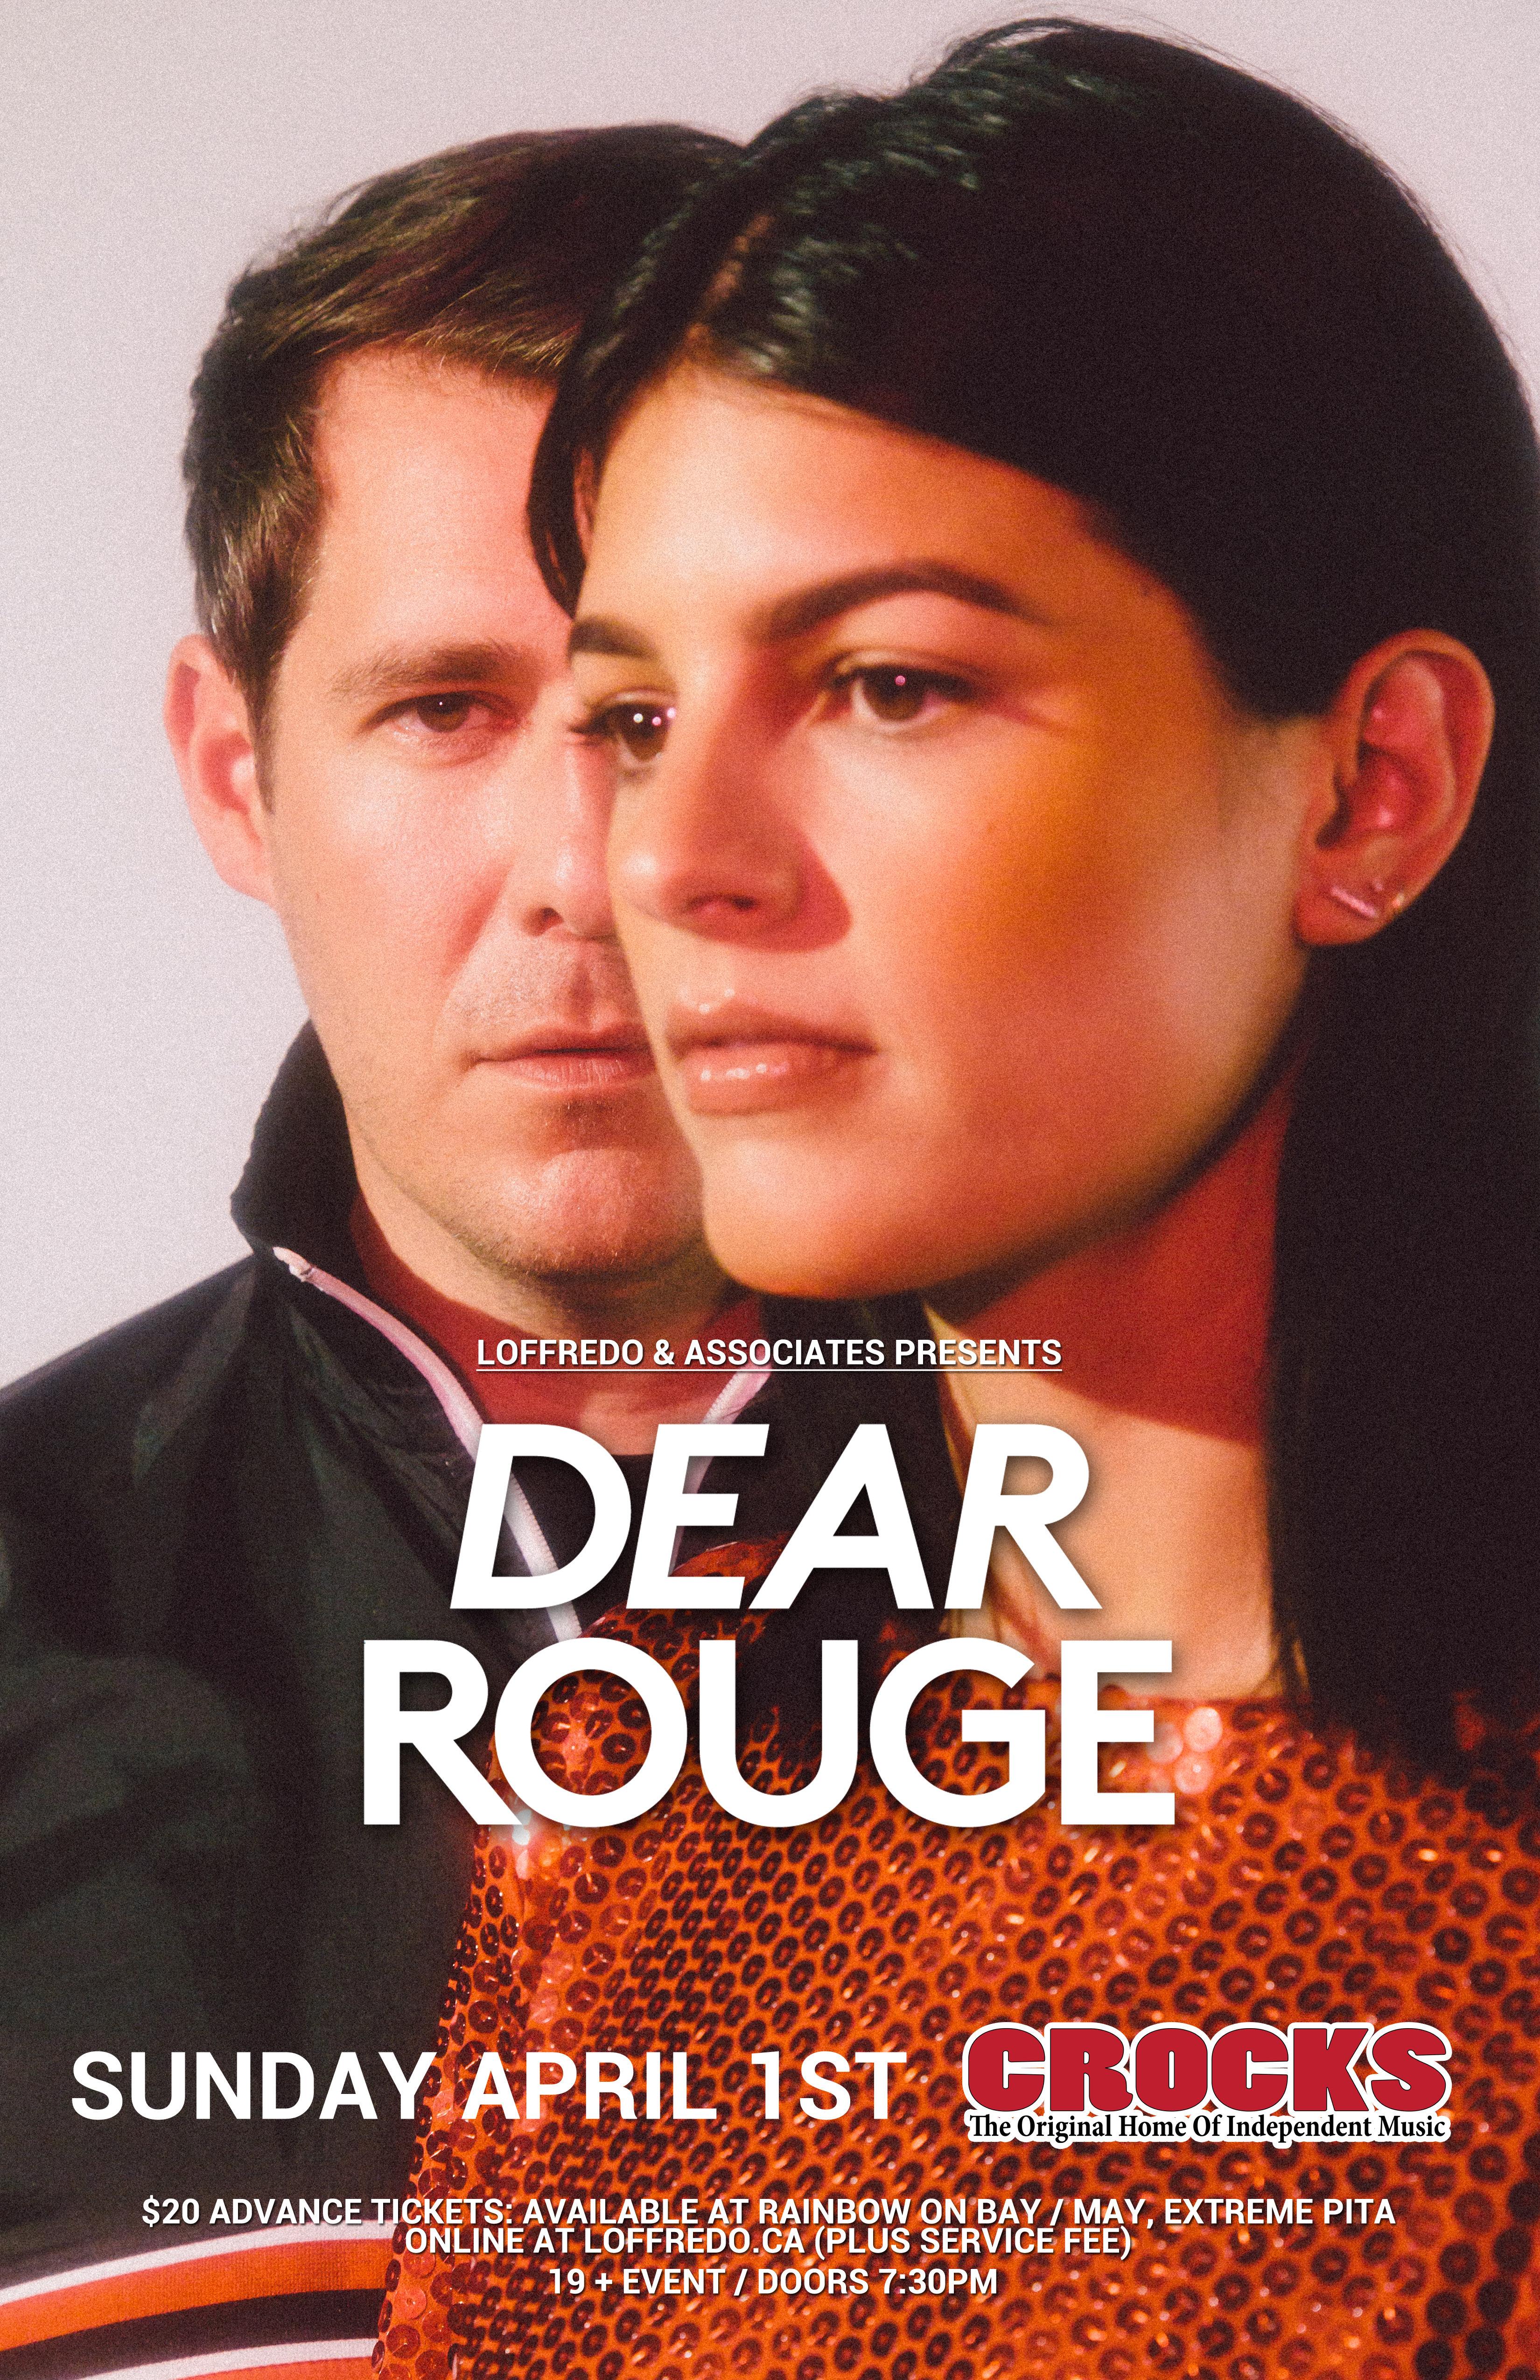 Dear Rouge - Live in Concert - Crocks -  April 1st, 2018 00251